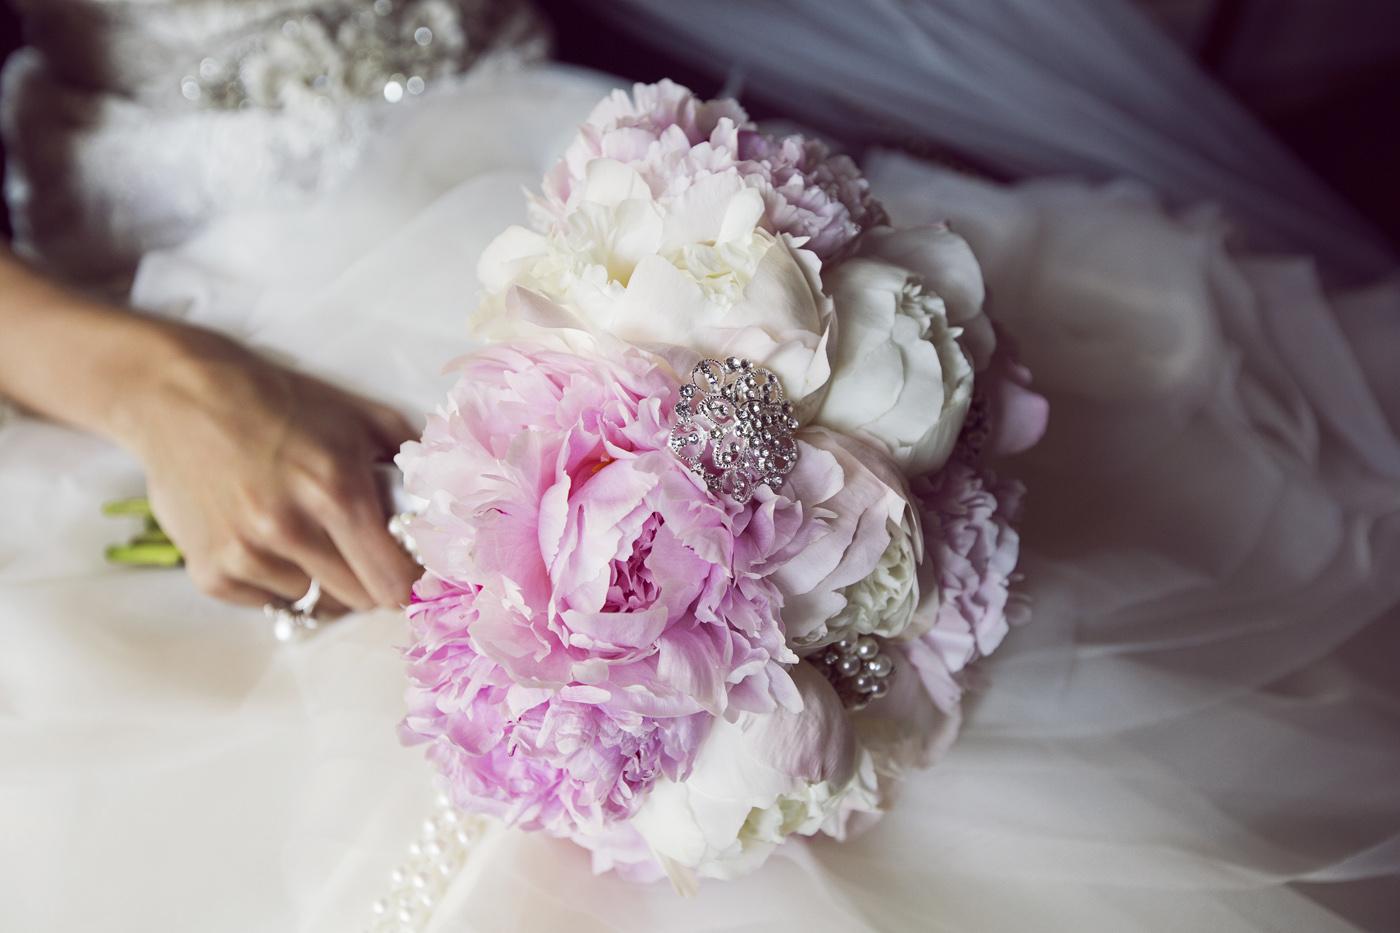 056_DukePhotography_DukeImages_Wedding_Details.jpg